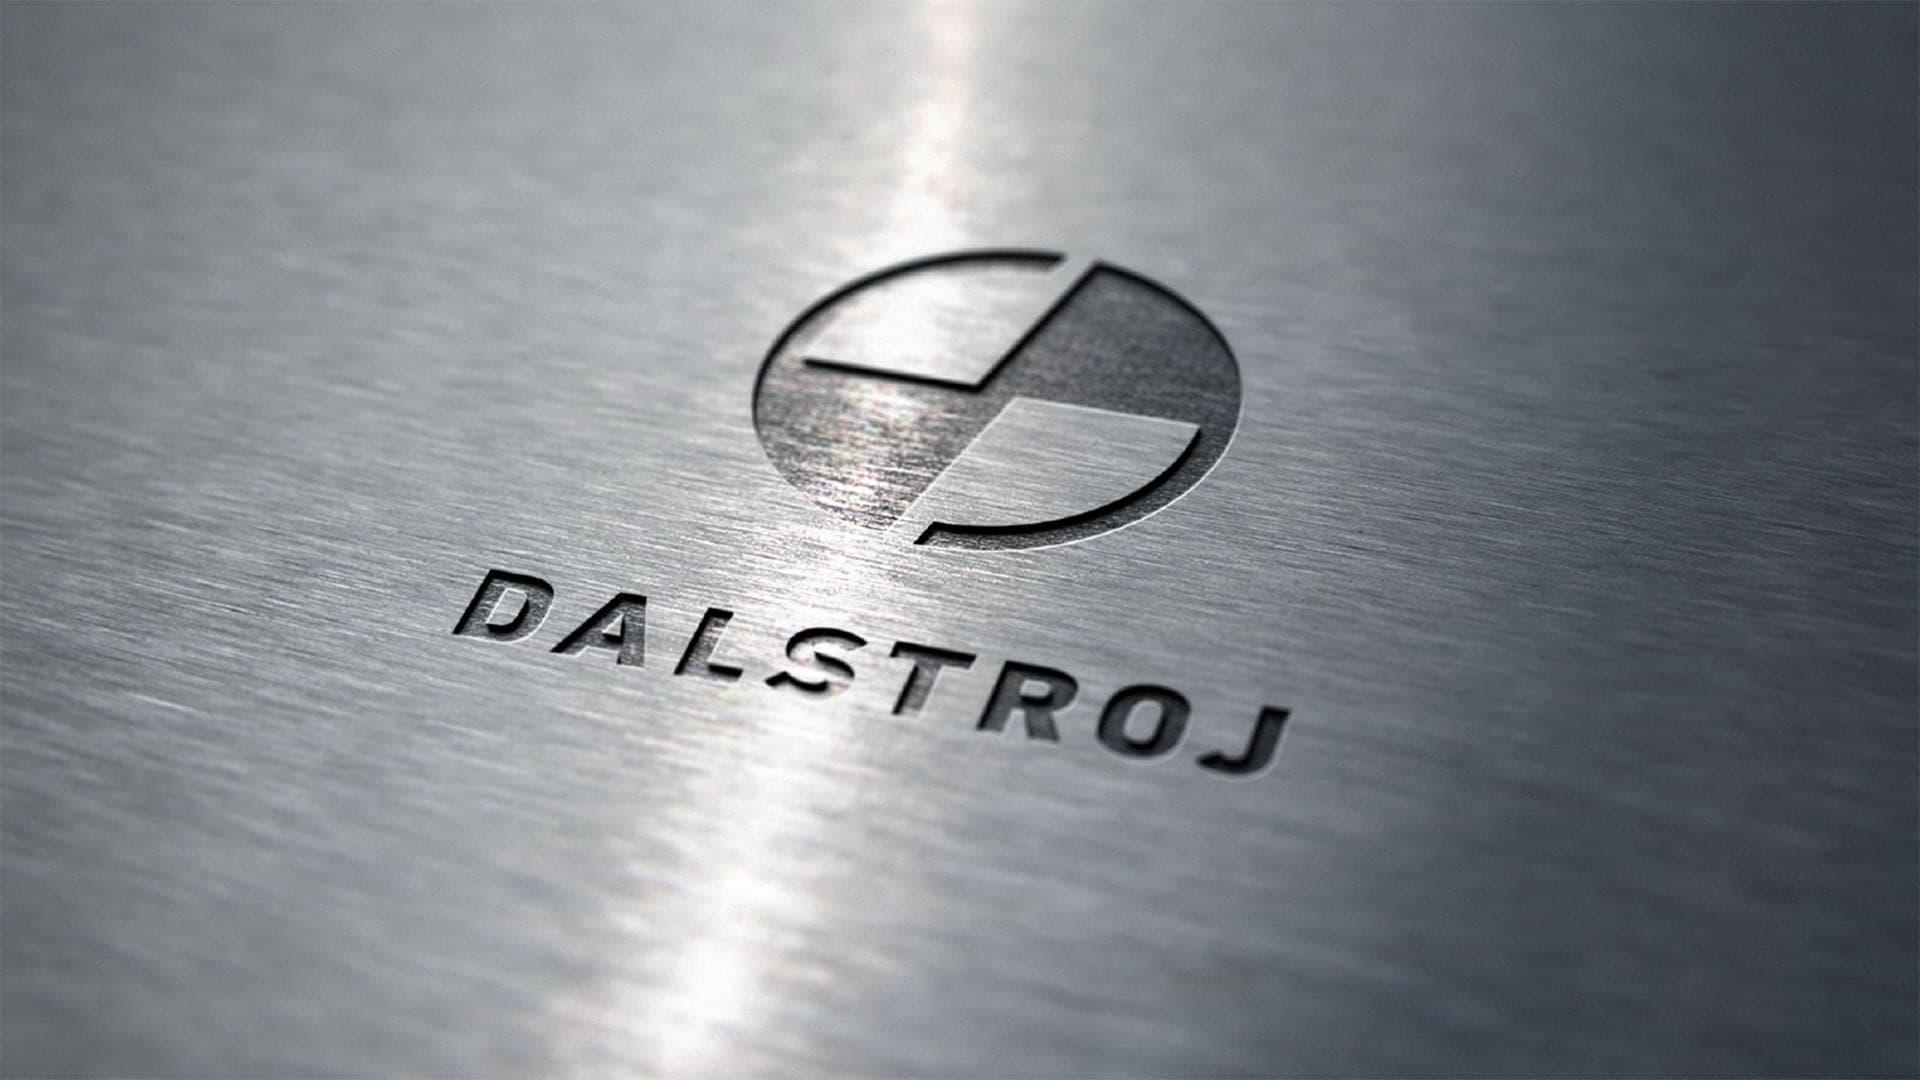 DALSTROJ_video